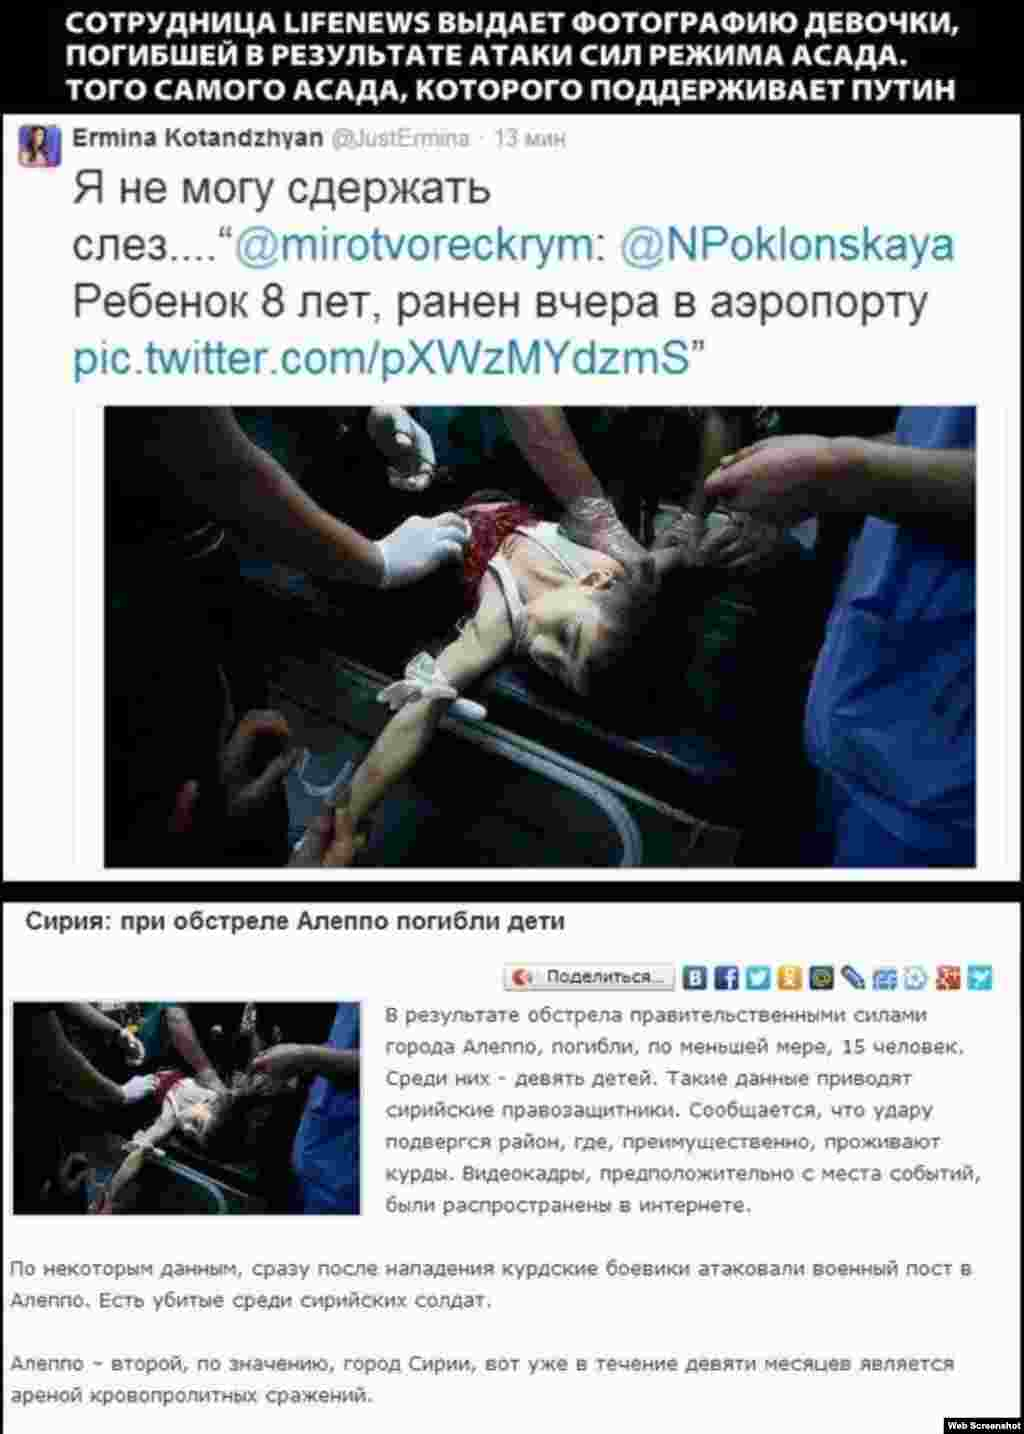 Журналістка LifeNews розмістила в Twitter фото восьмирічного хлопчика, який нібито був поранений в аеропорту Донецька. Але це фото було зроблено в 2013 році в Сирії.